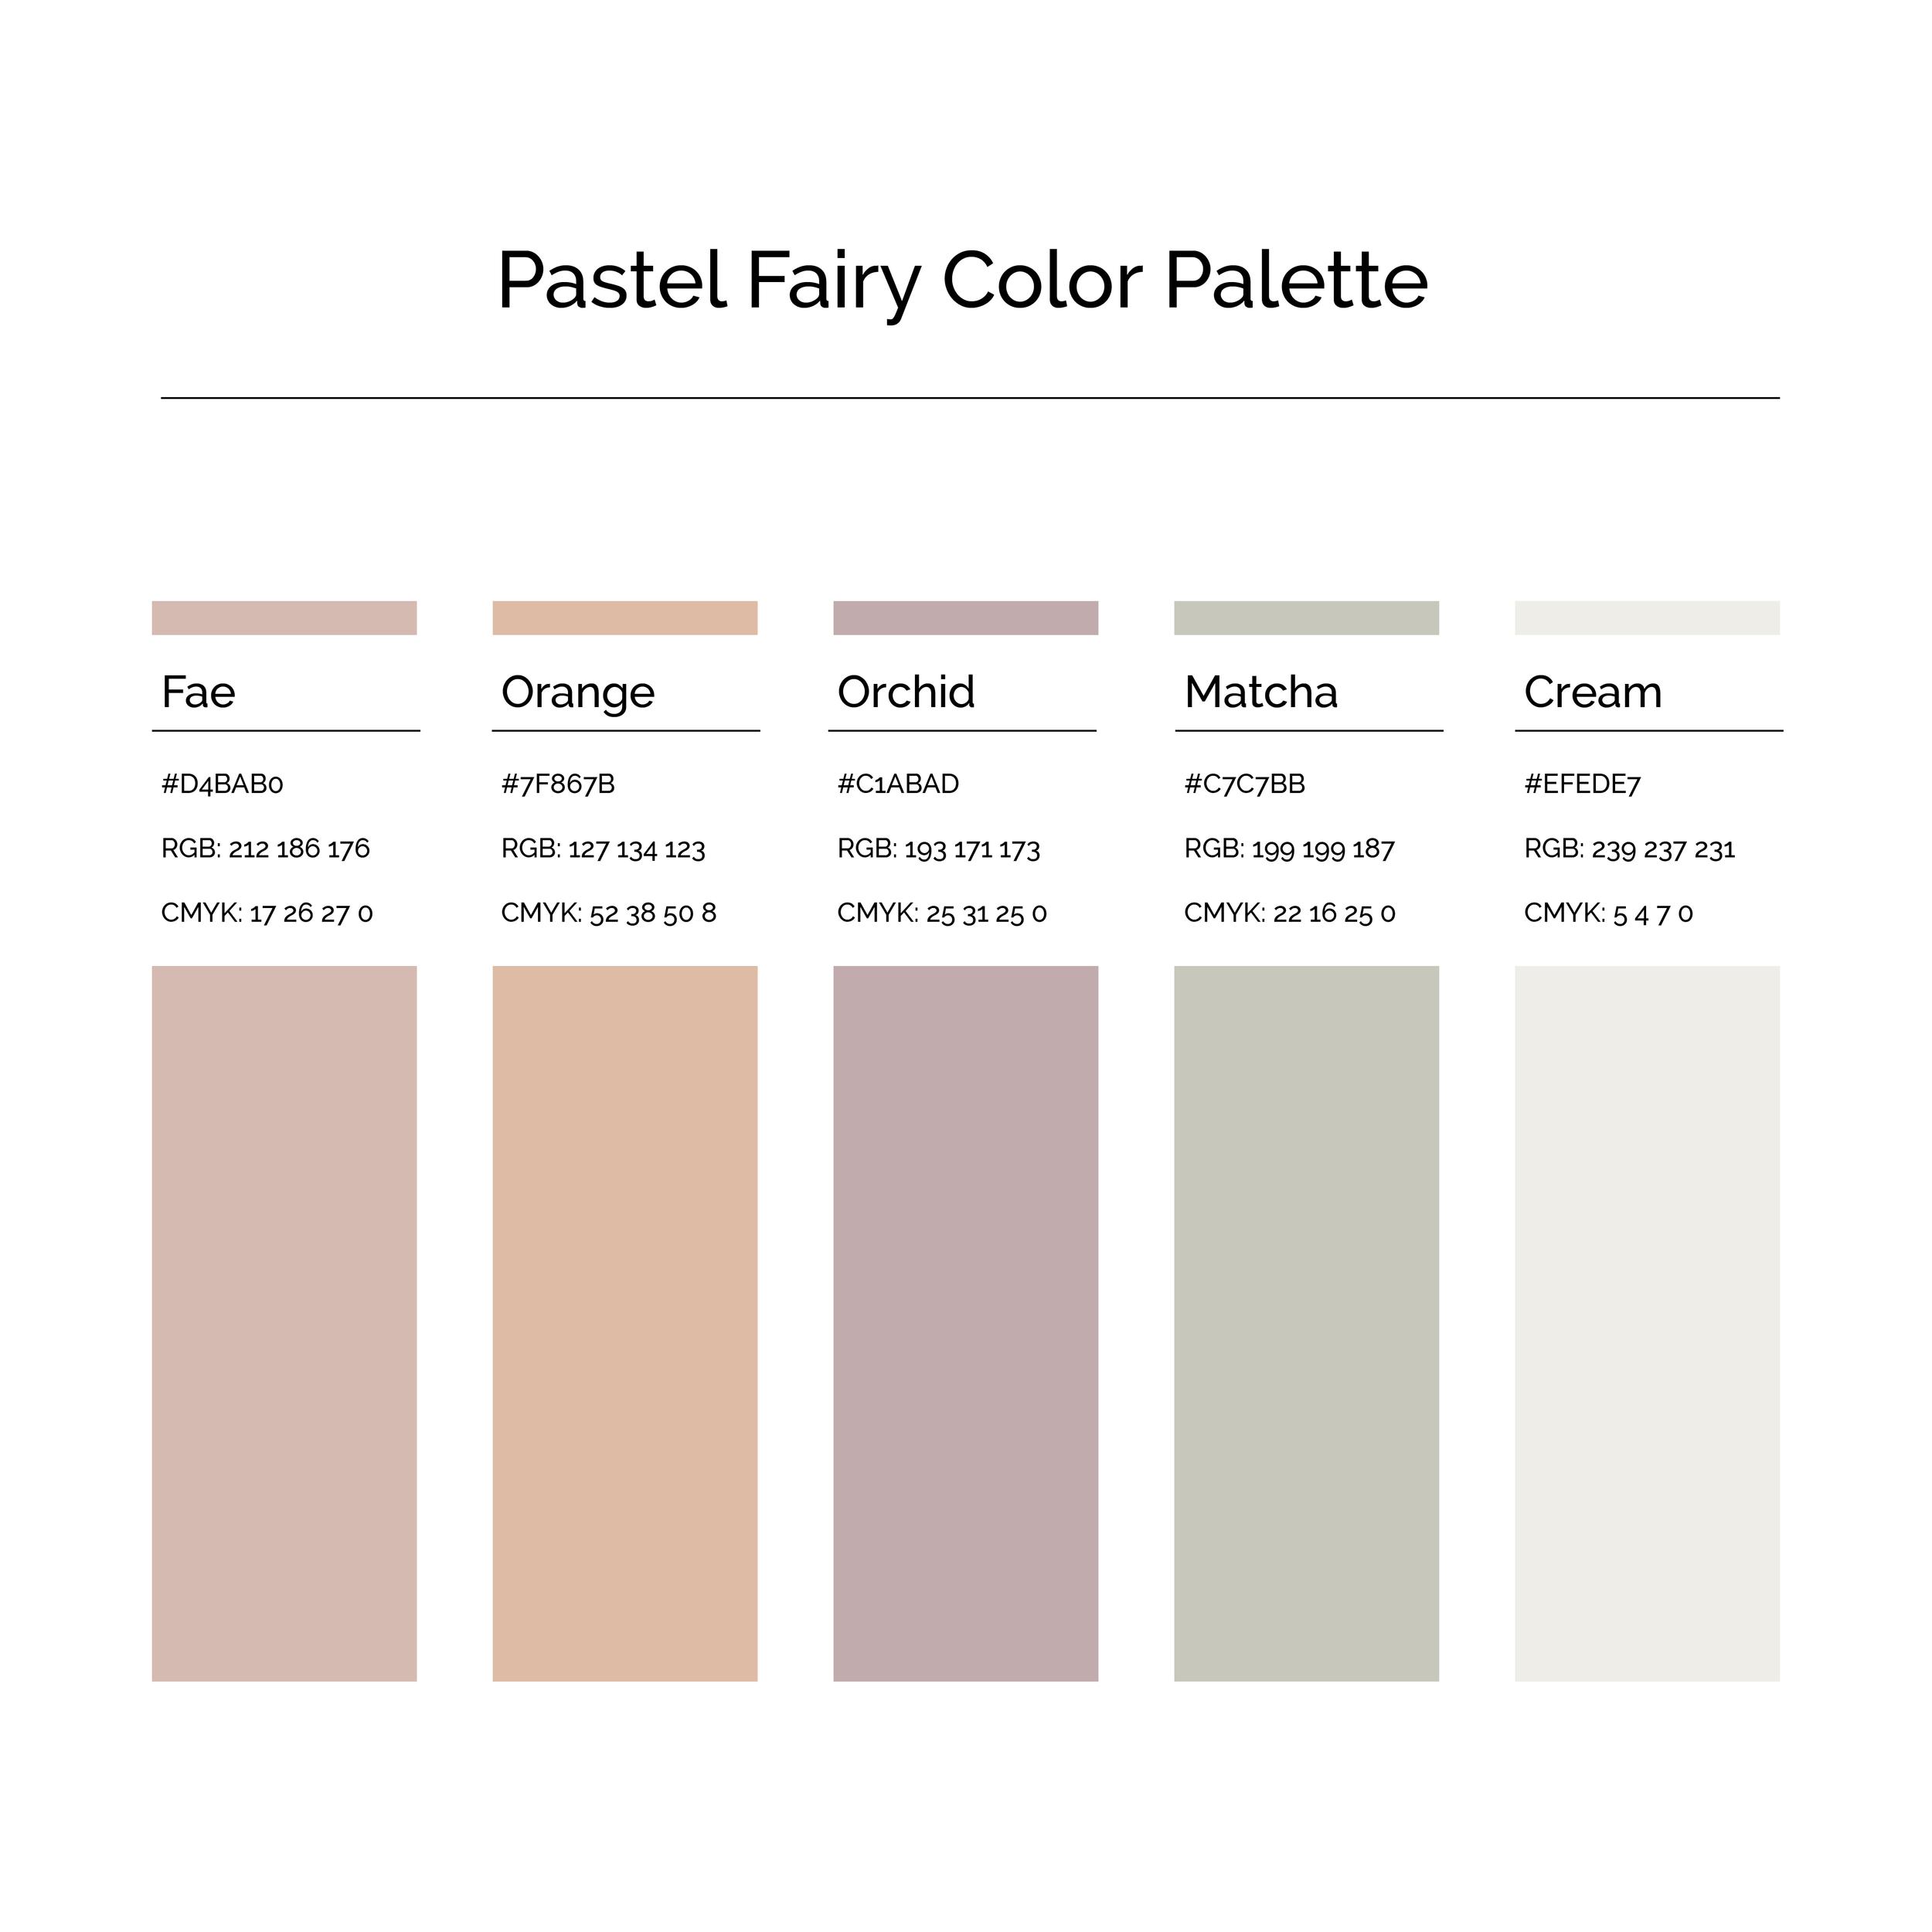 15 More Color Palettes | Pastel Fairy Color Palette